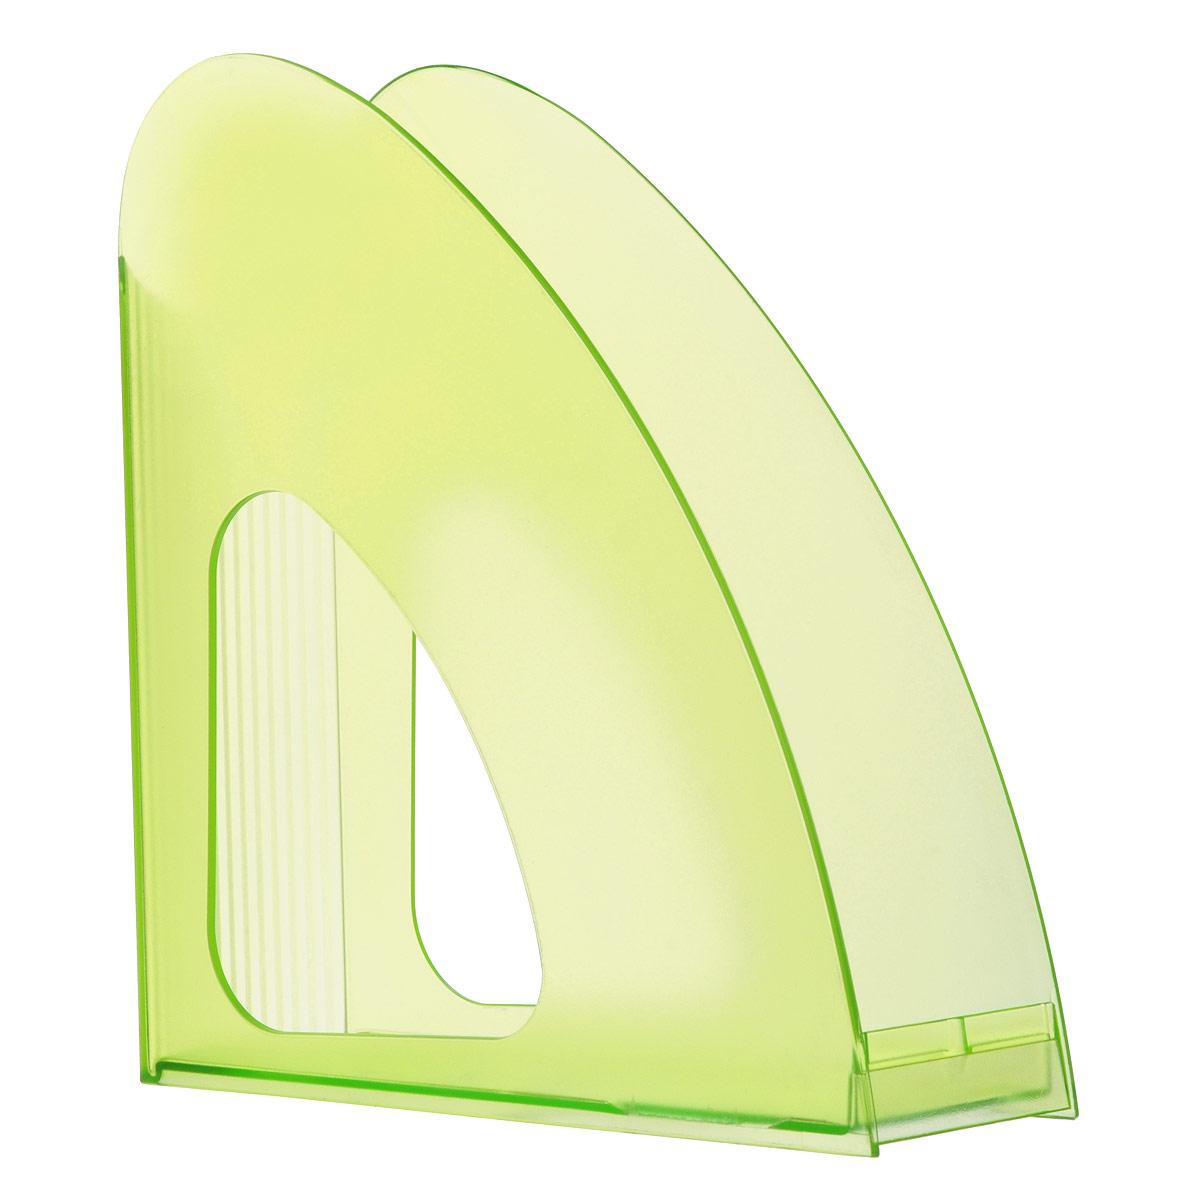 Лоток для бумаг вертикальный HAN Twin, прозрачный, цвет: зеленыйFS-00101Вертикальный лоток для бумаг HAN Twin с оригинальным дизайном корпуса поможет вам навести порядок на столе и сэкономить пространство.Лоток изготовлен из высококачественного антистатического прозрачного пластика. Низкий передний порог облегчает изъятие документов из накопителя.Благодаря лотку для бумаг, важные бумаги и документы всегда будут под рукой.